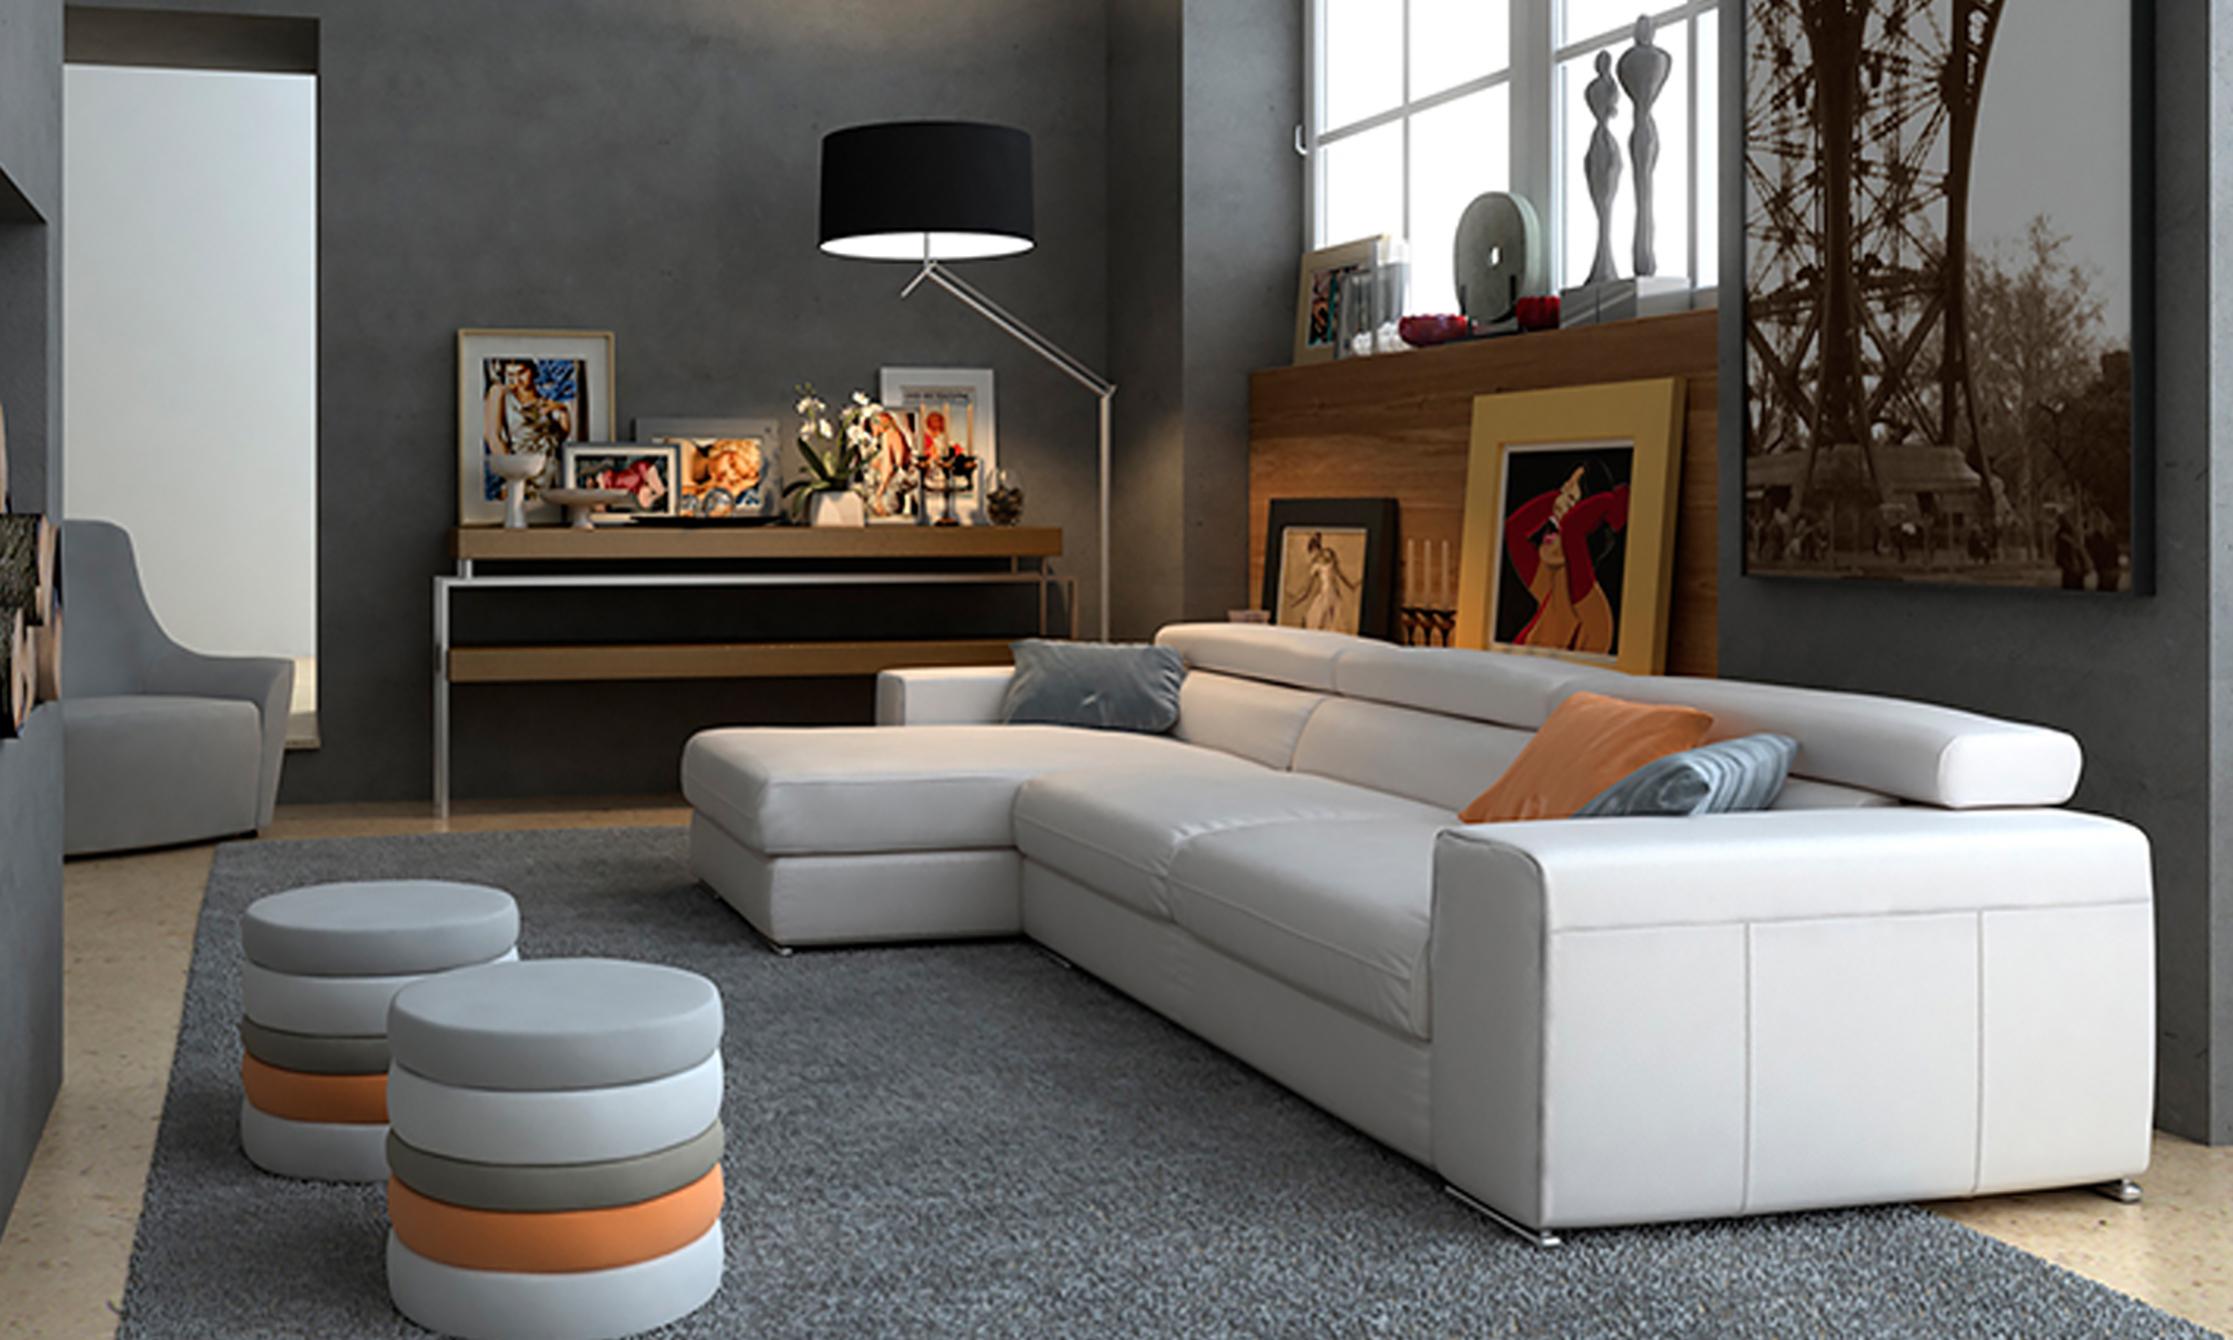 Tendencias en decoración de sofás. Texturas suaves